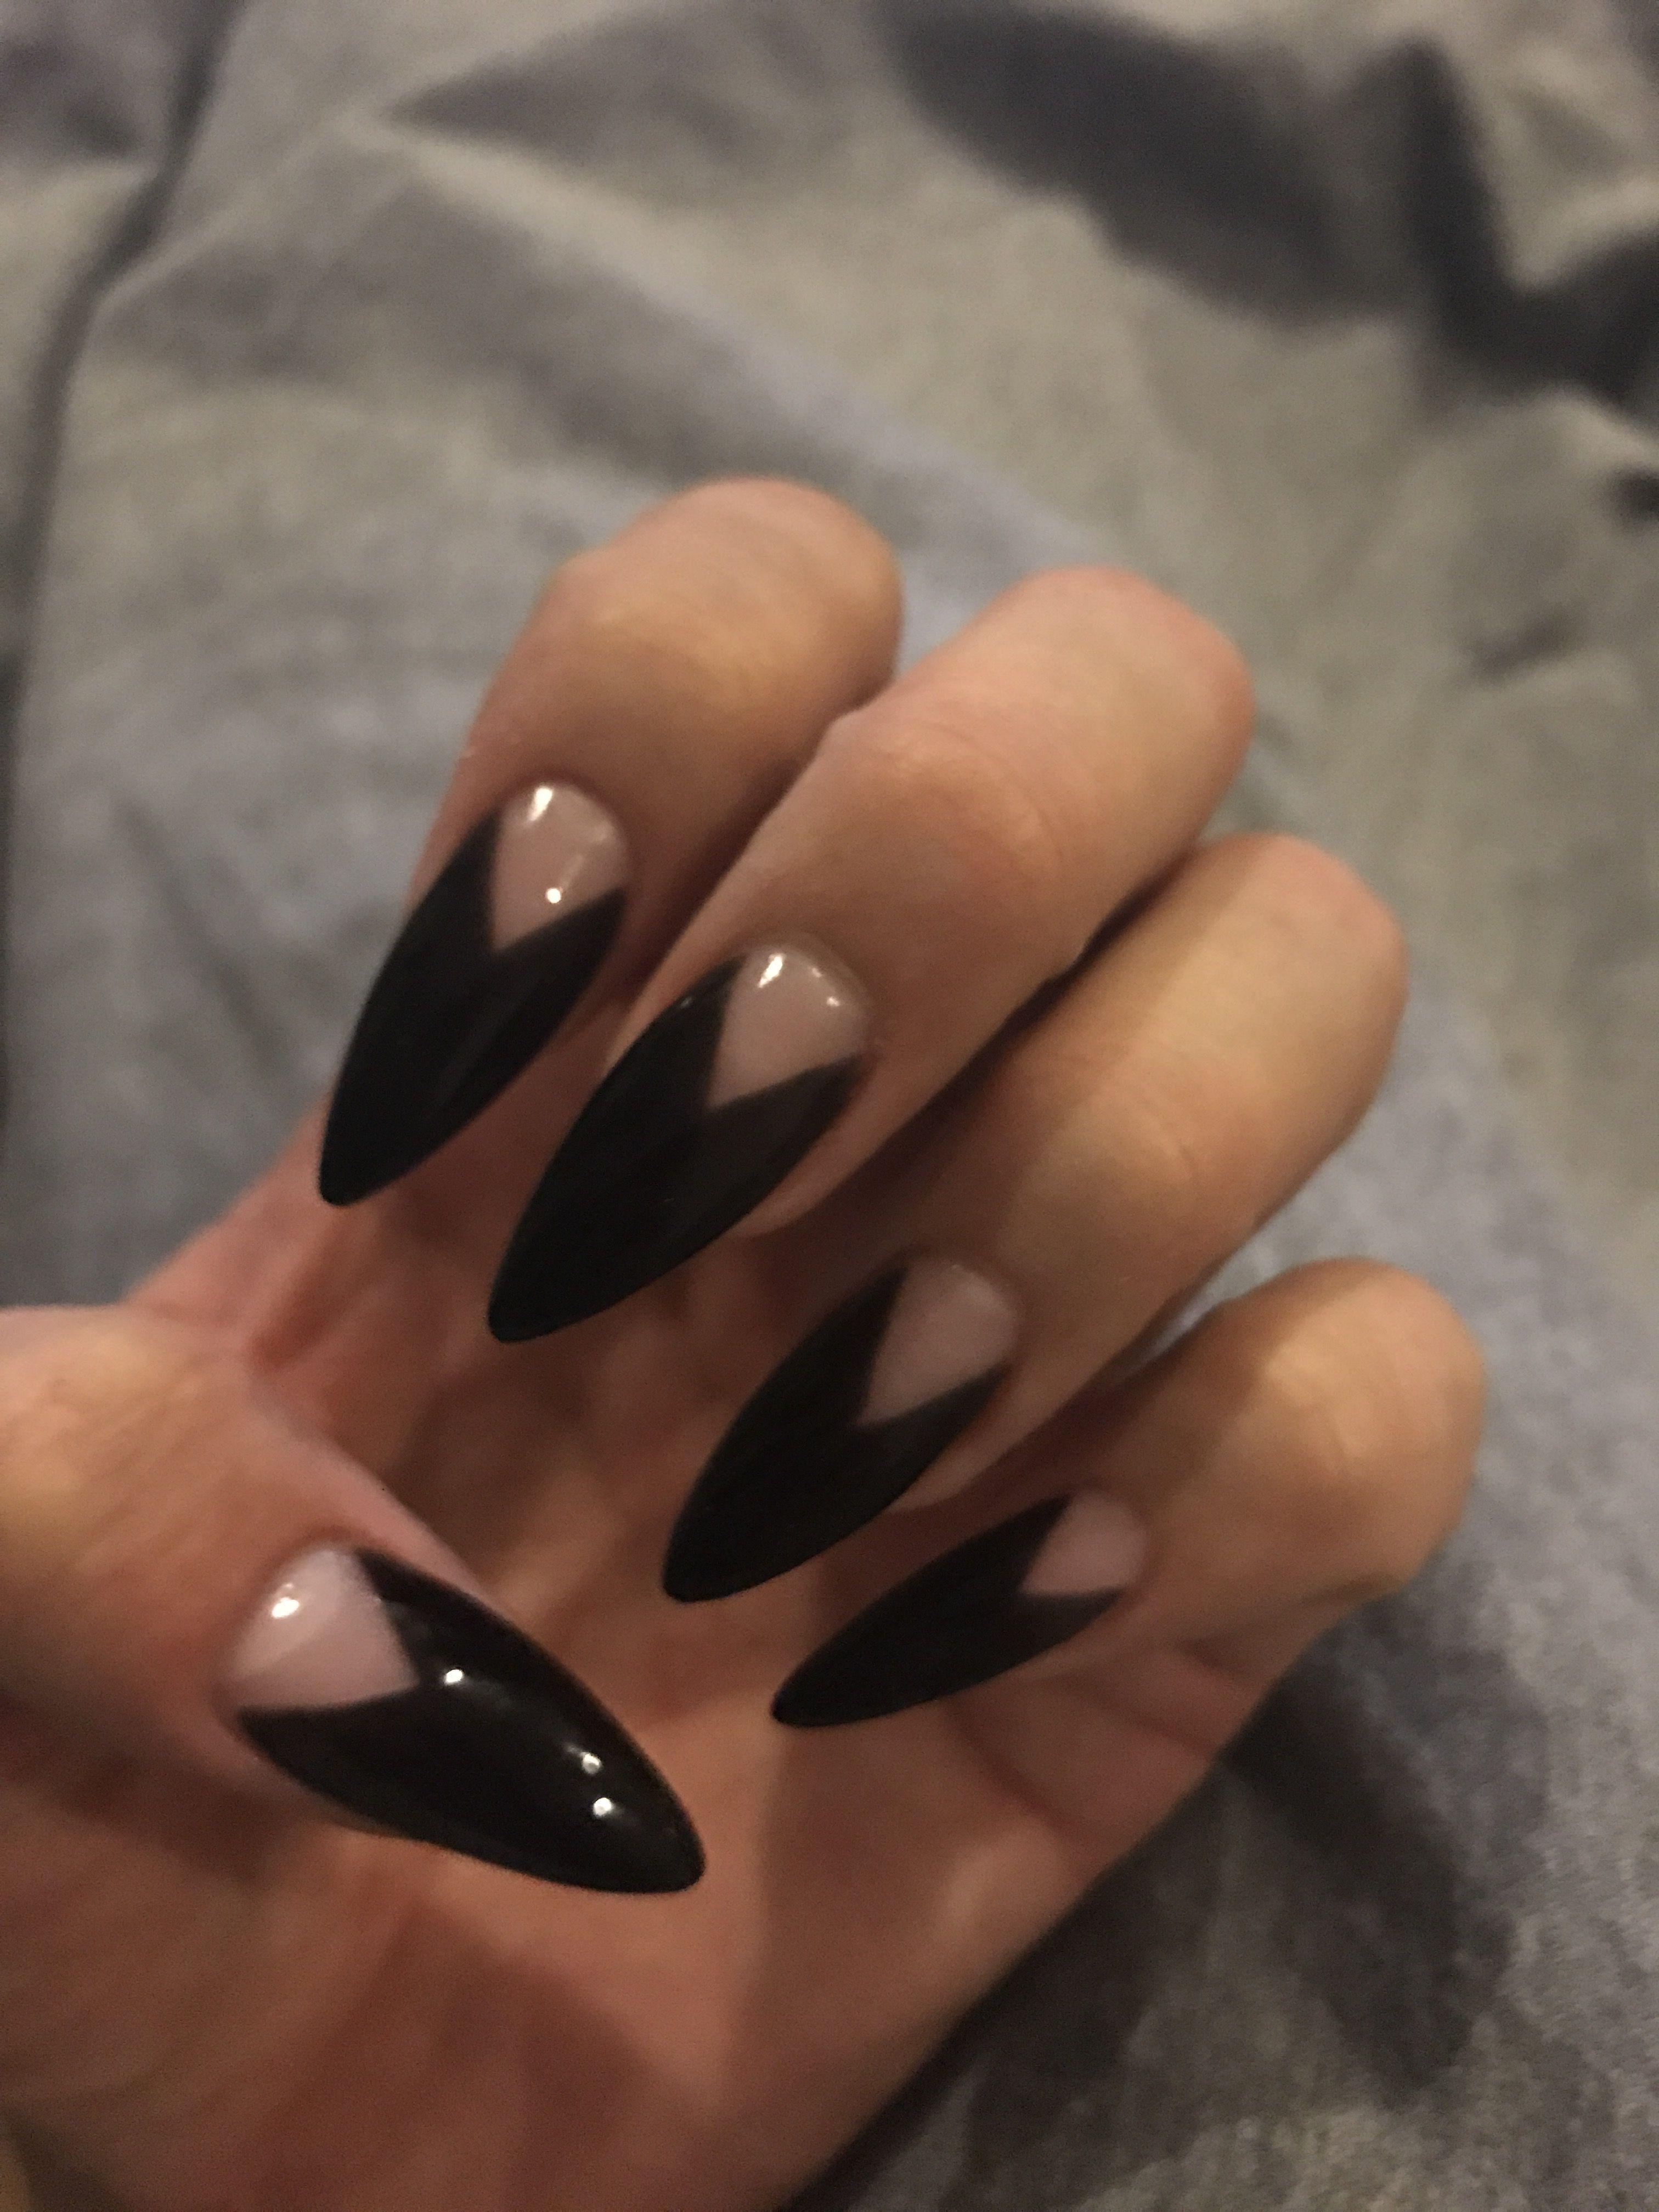 Black stiletto nail design | Nails | Pinterest | Black stiletto ...